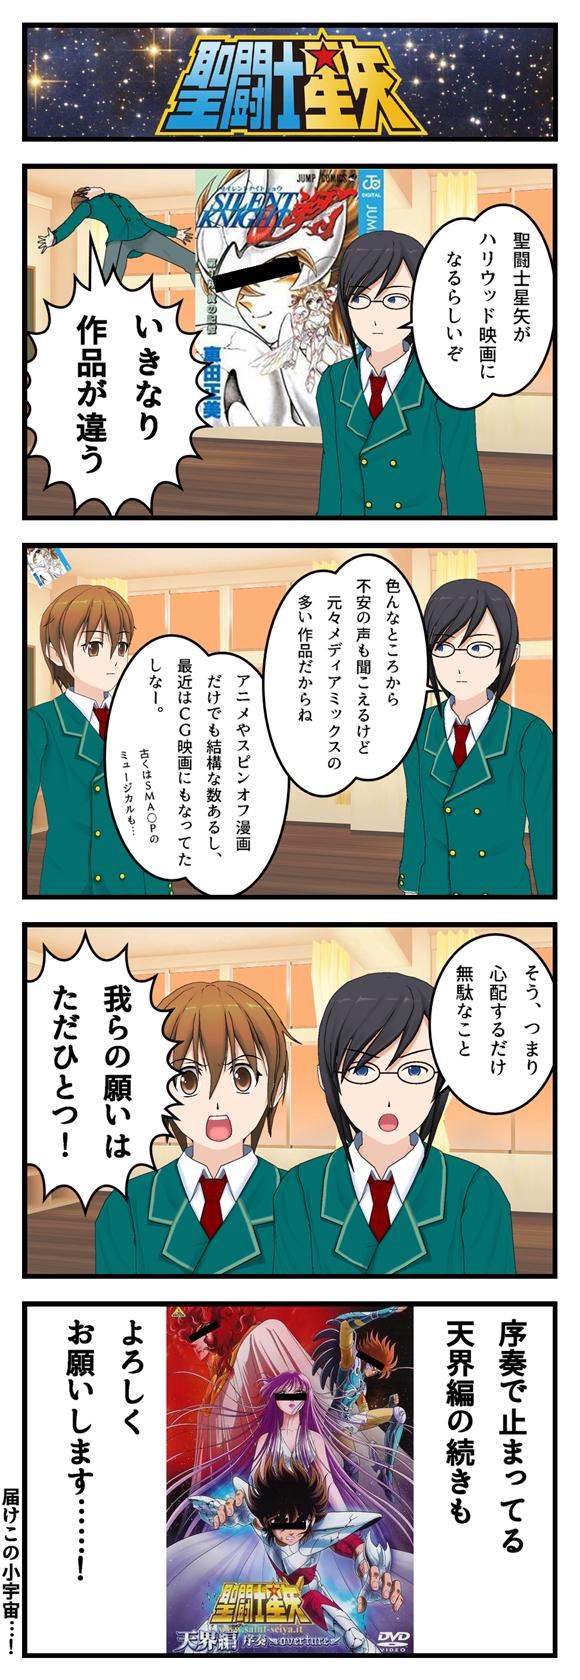 聖闘士星矢_001.png